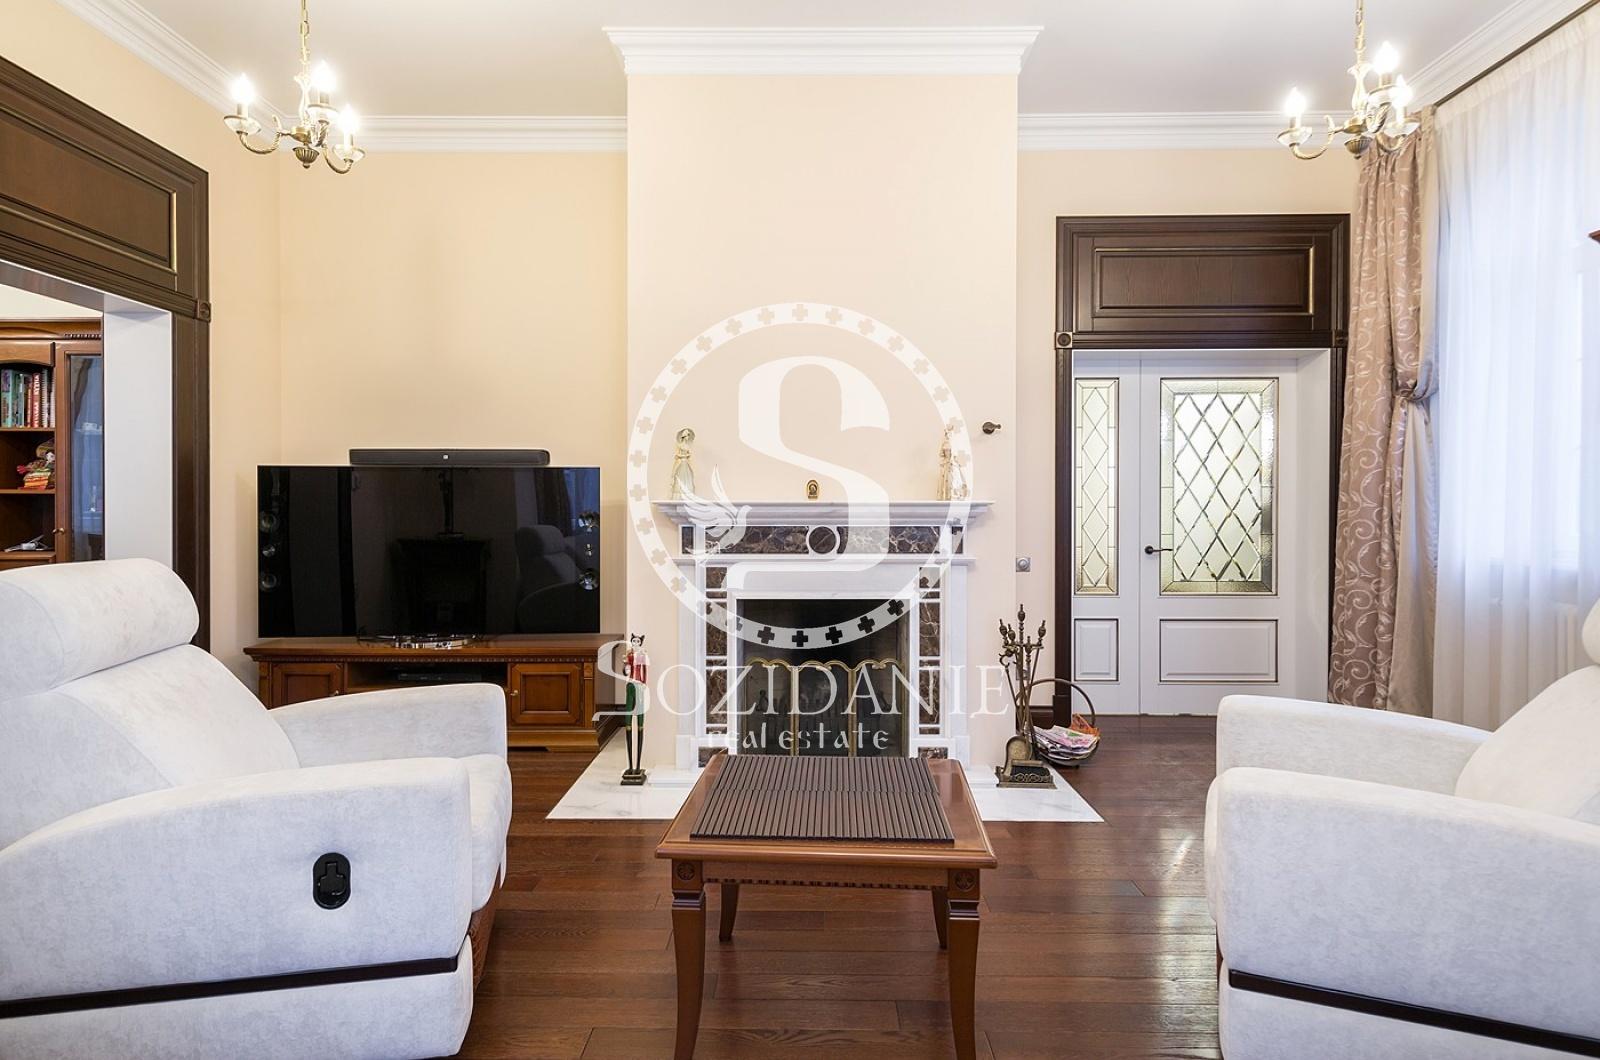 3 Bedrooms, Загородная, Продажа, Listing ID 3540, Московская область, Россия,